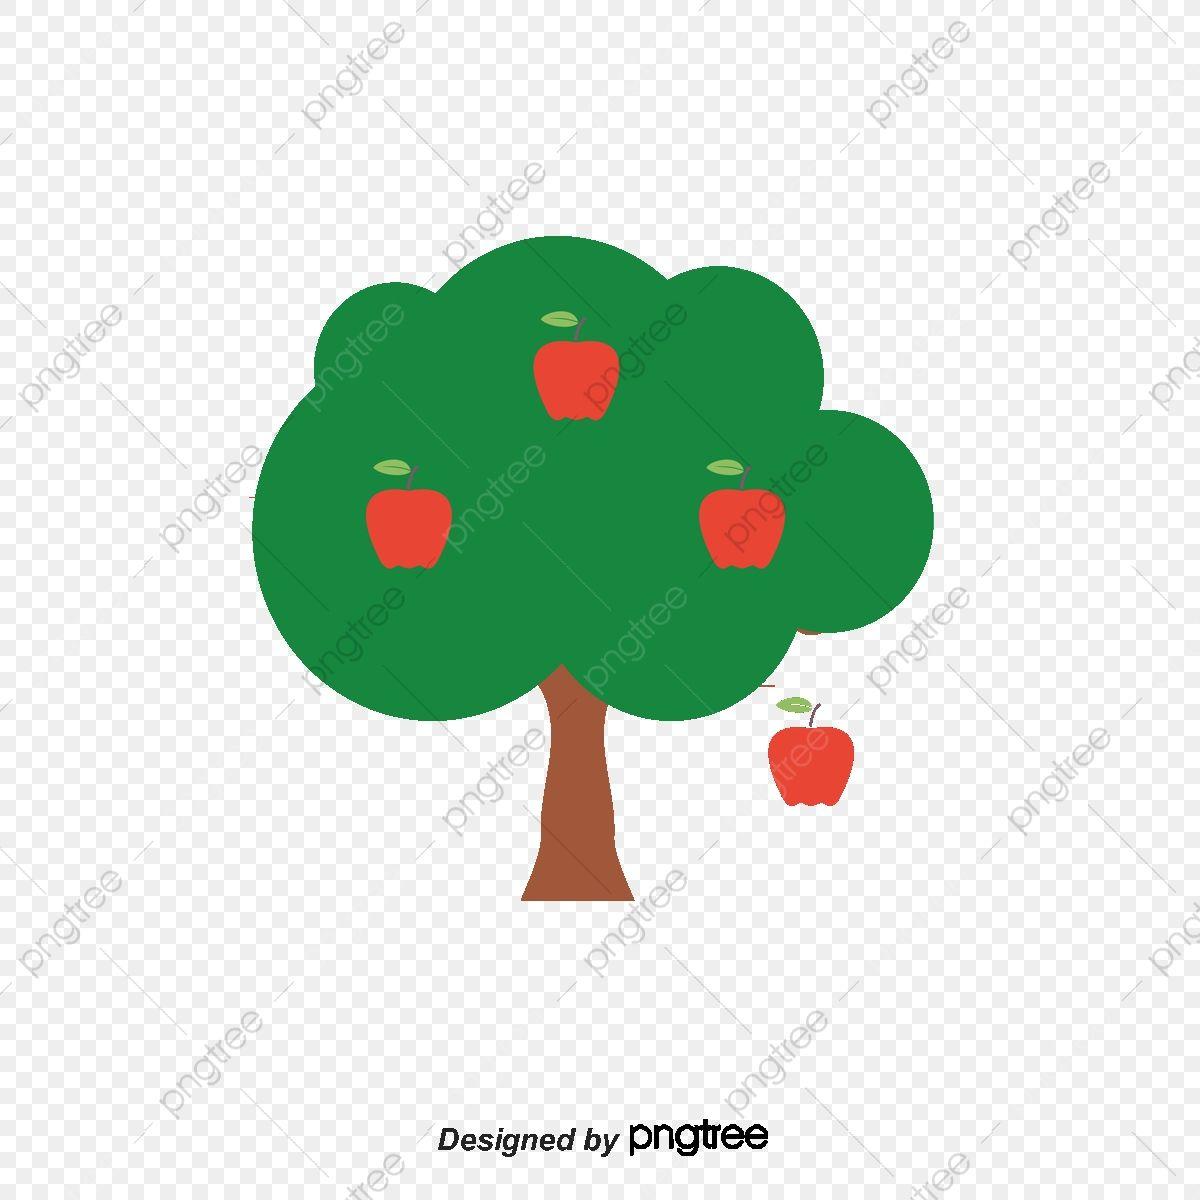 شجرة التفاح مرسومة باليد شجرة التفاح المرسومة ناقلات التفاح ناقلات شجرة Png وملف Psd للتحميل مجانا Hand Painted Apple Tree Apple